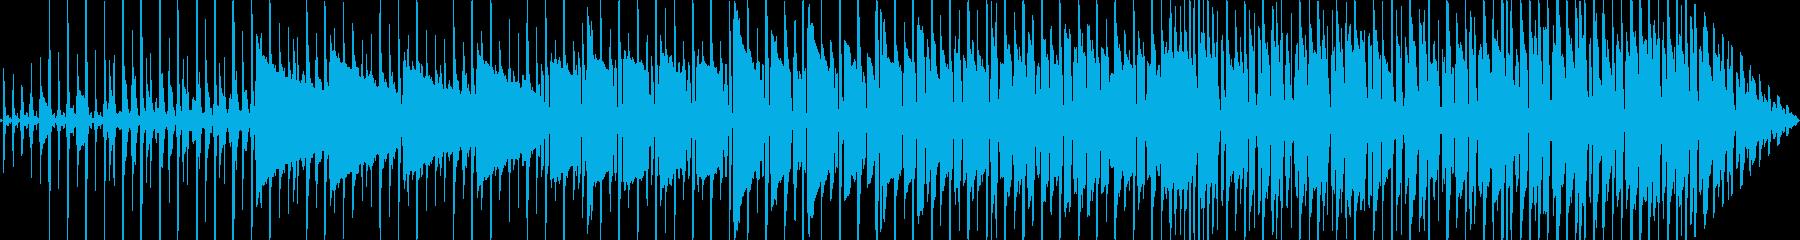 新鮮でエネルギッシュなイングリッシ...の再生済みの波形